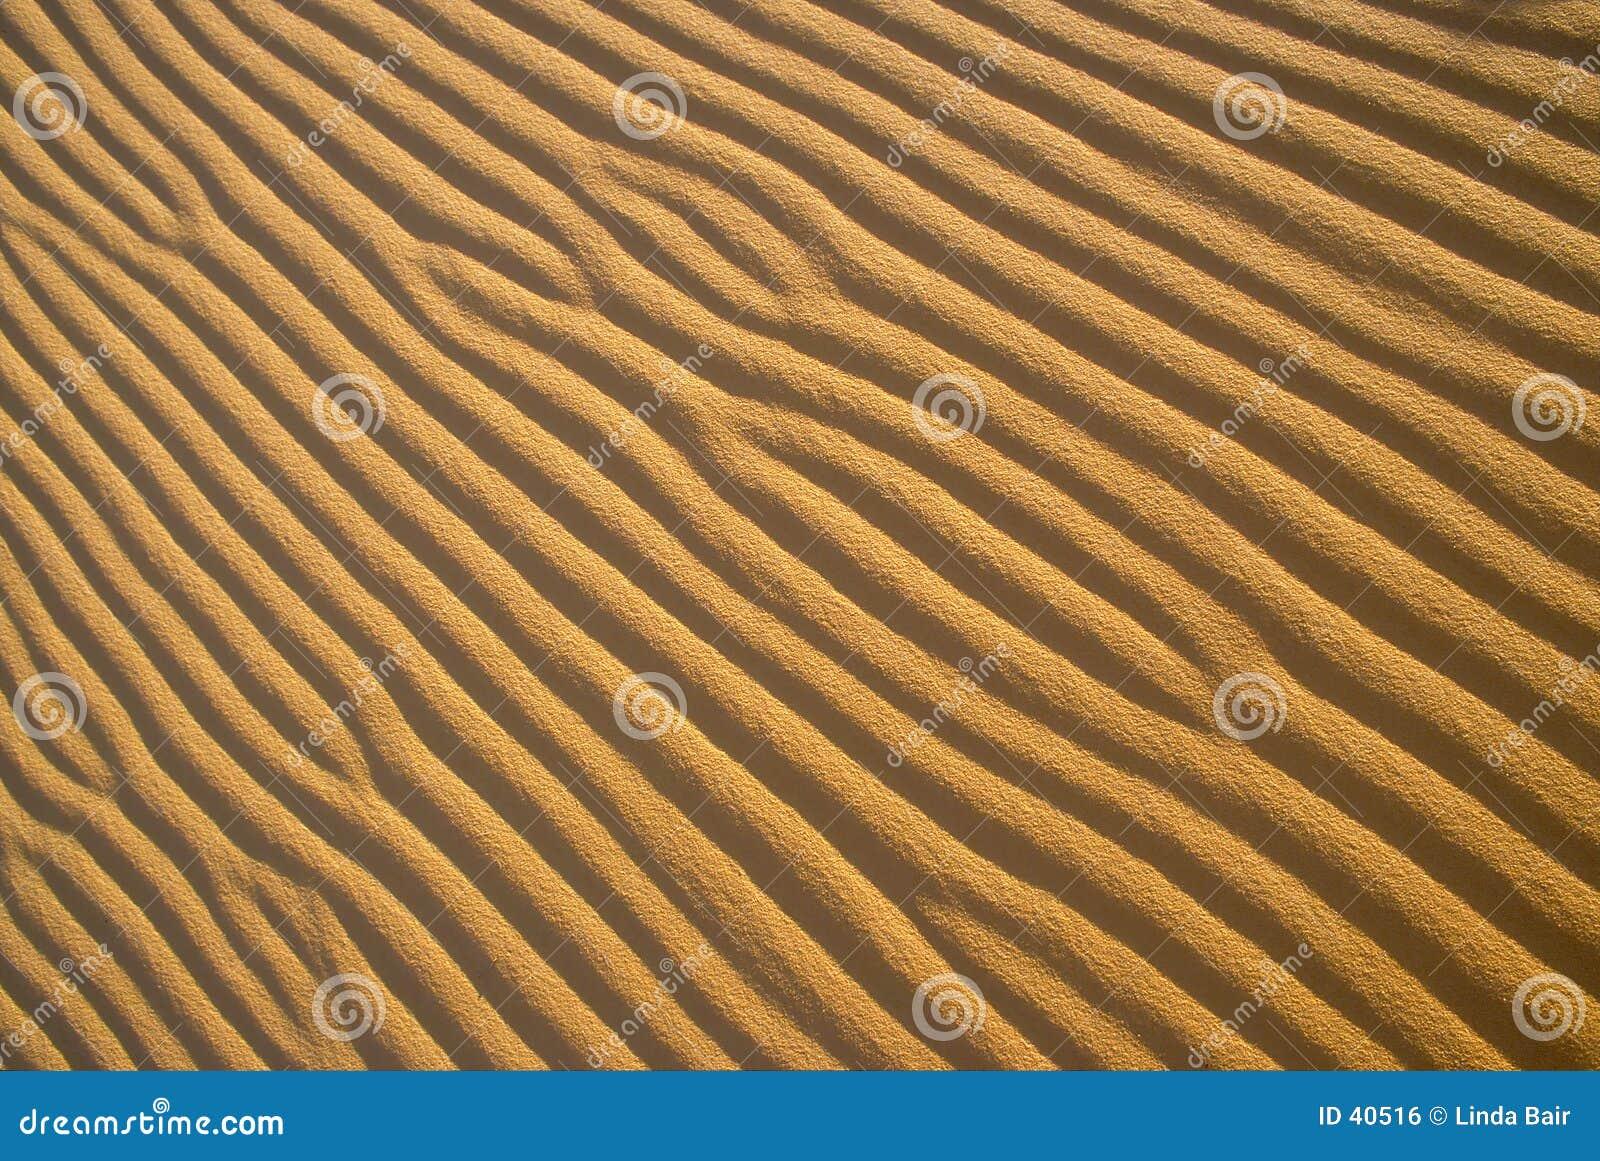 песок пульсации картин